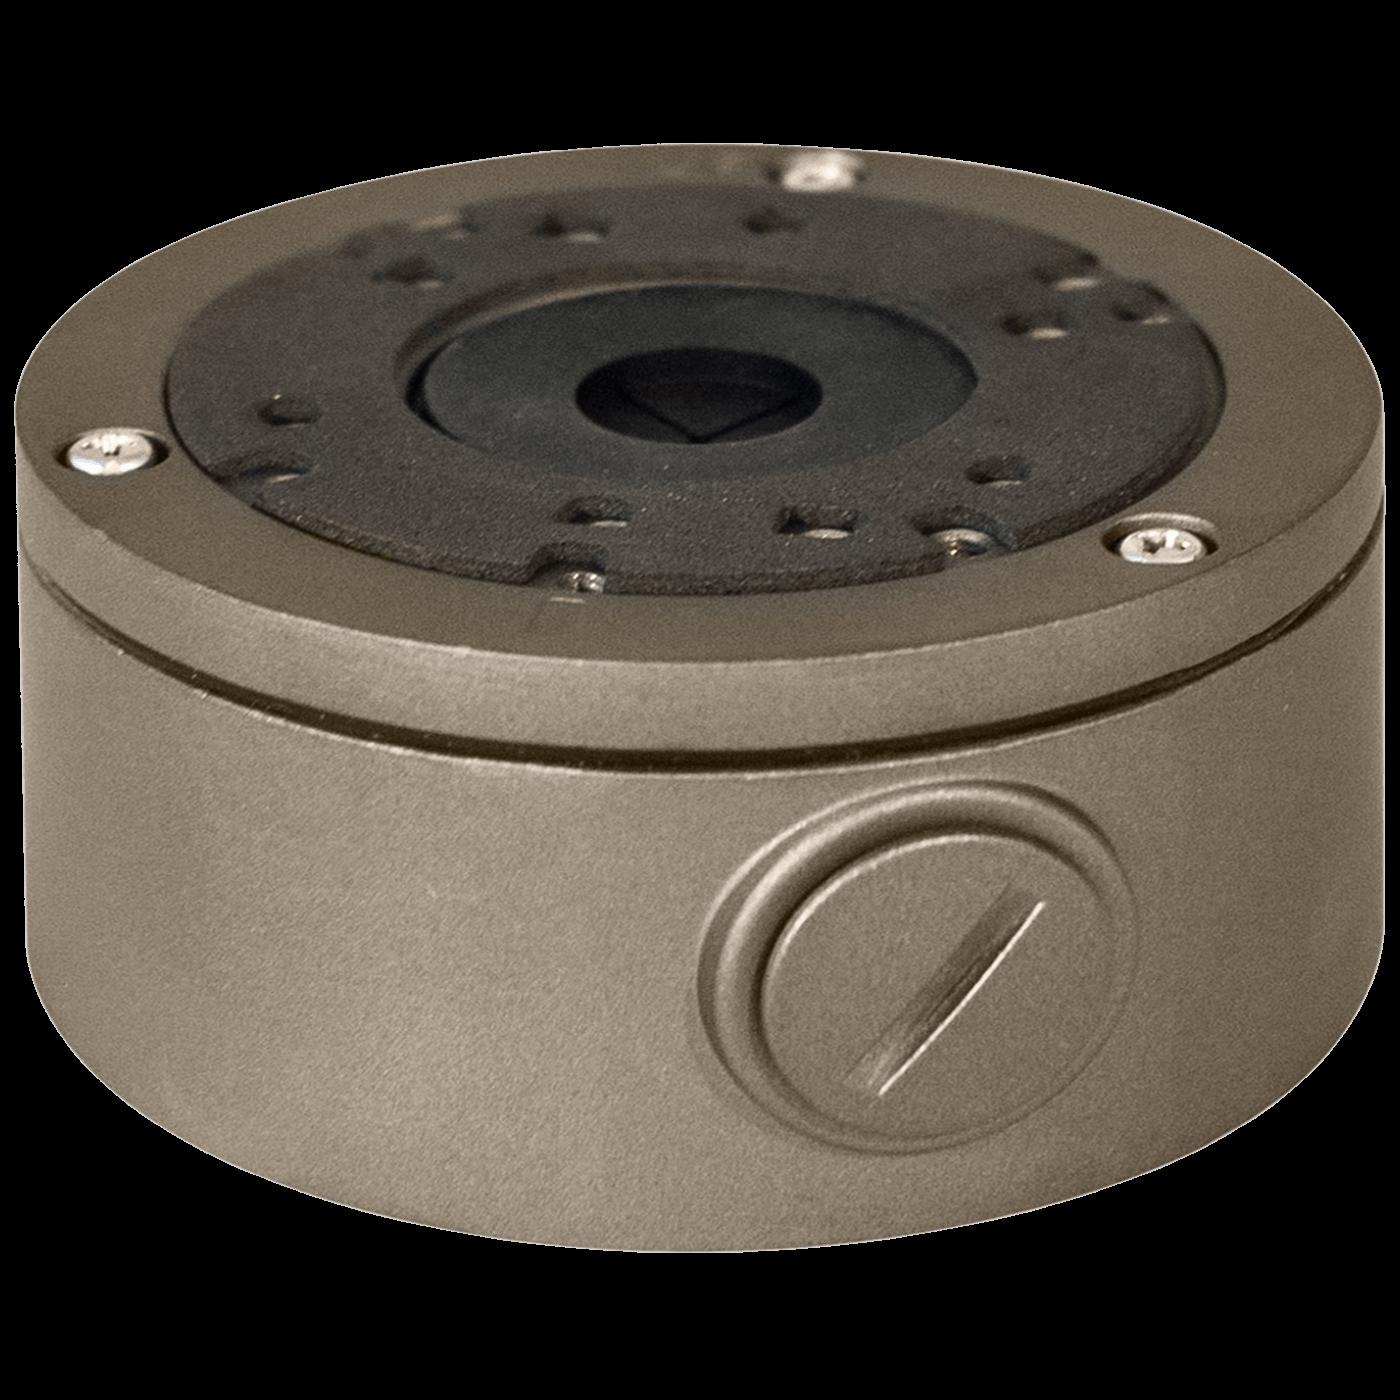 Kutija za spajanje, za IP kamere B20M200 i B20M400